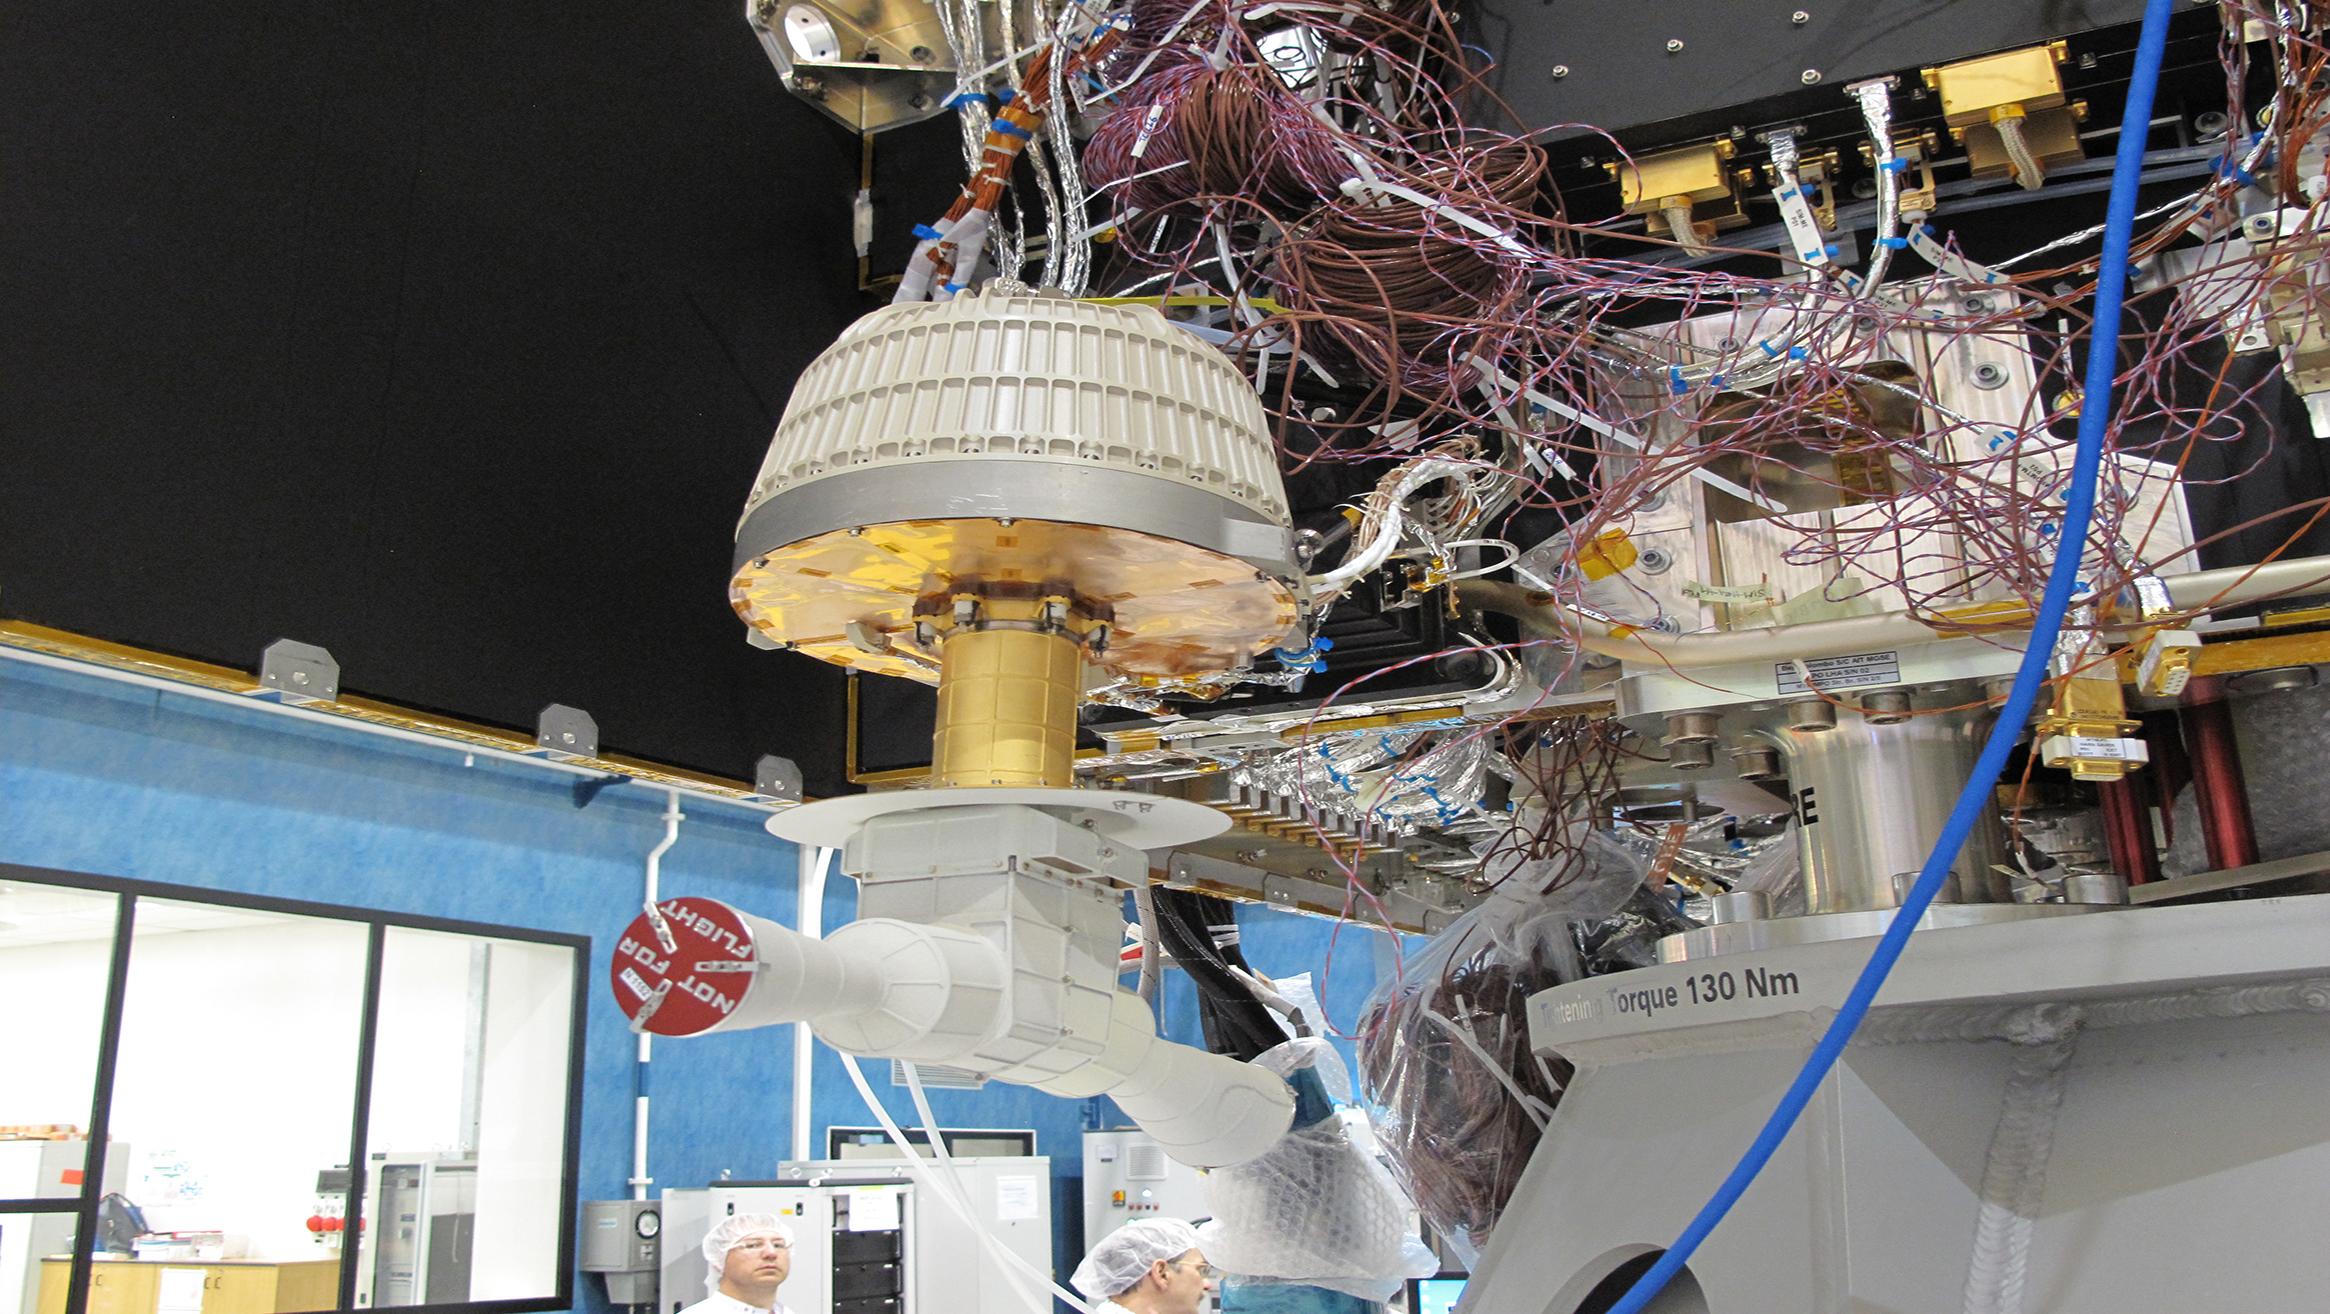 Das Massenspektrometer STROFIO installiert auf dem Mercury Planetary Orbiter (MPO).  © Universität Bern